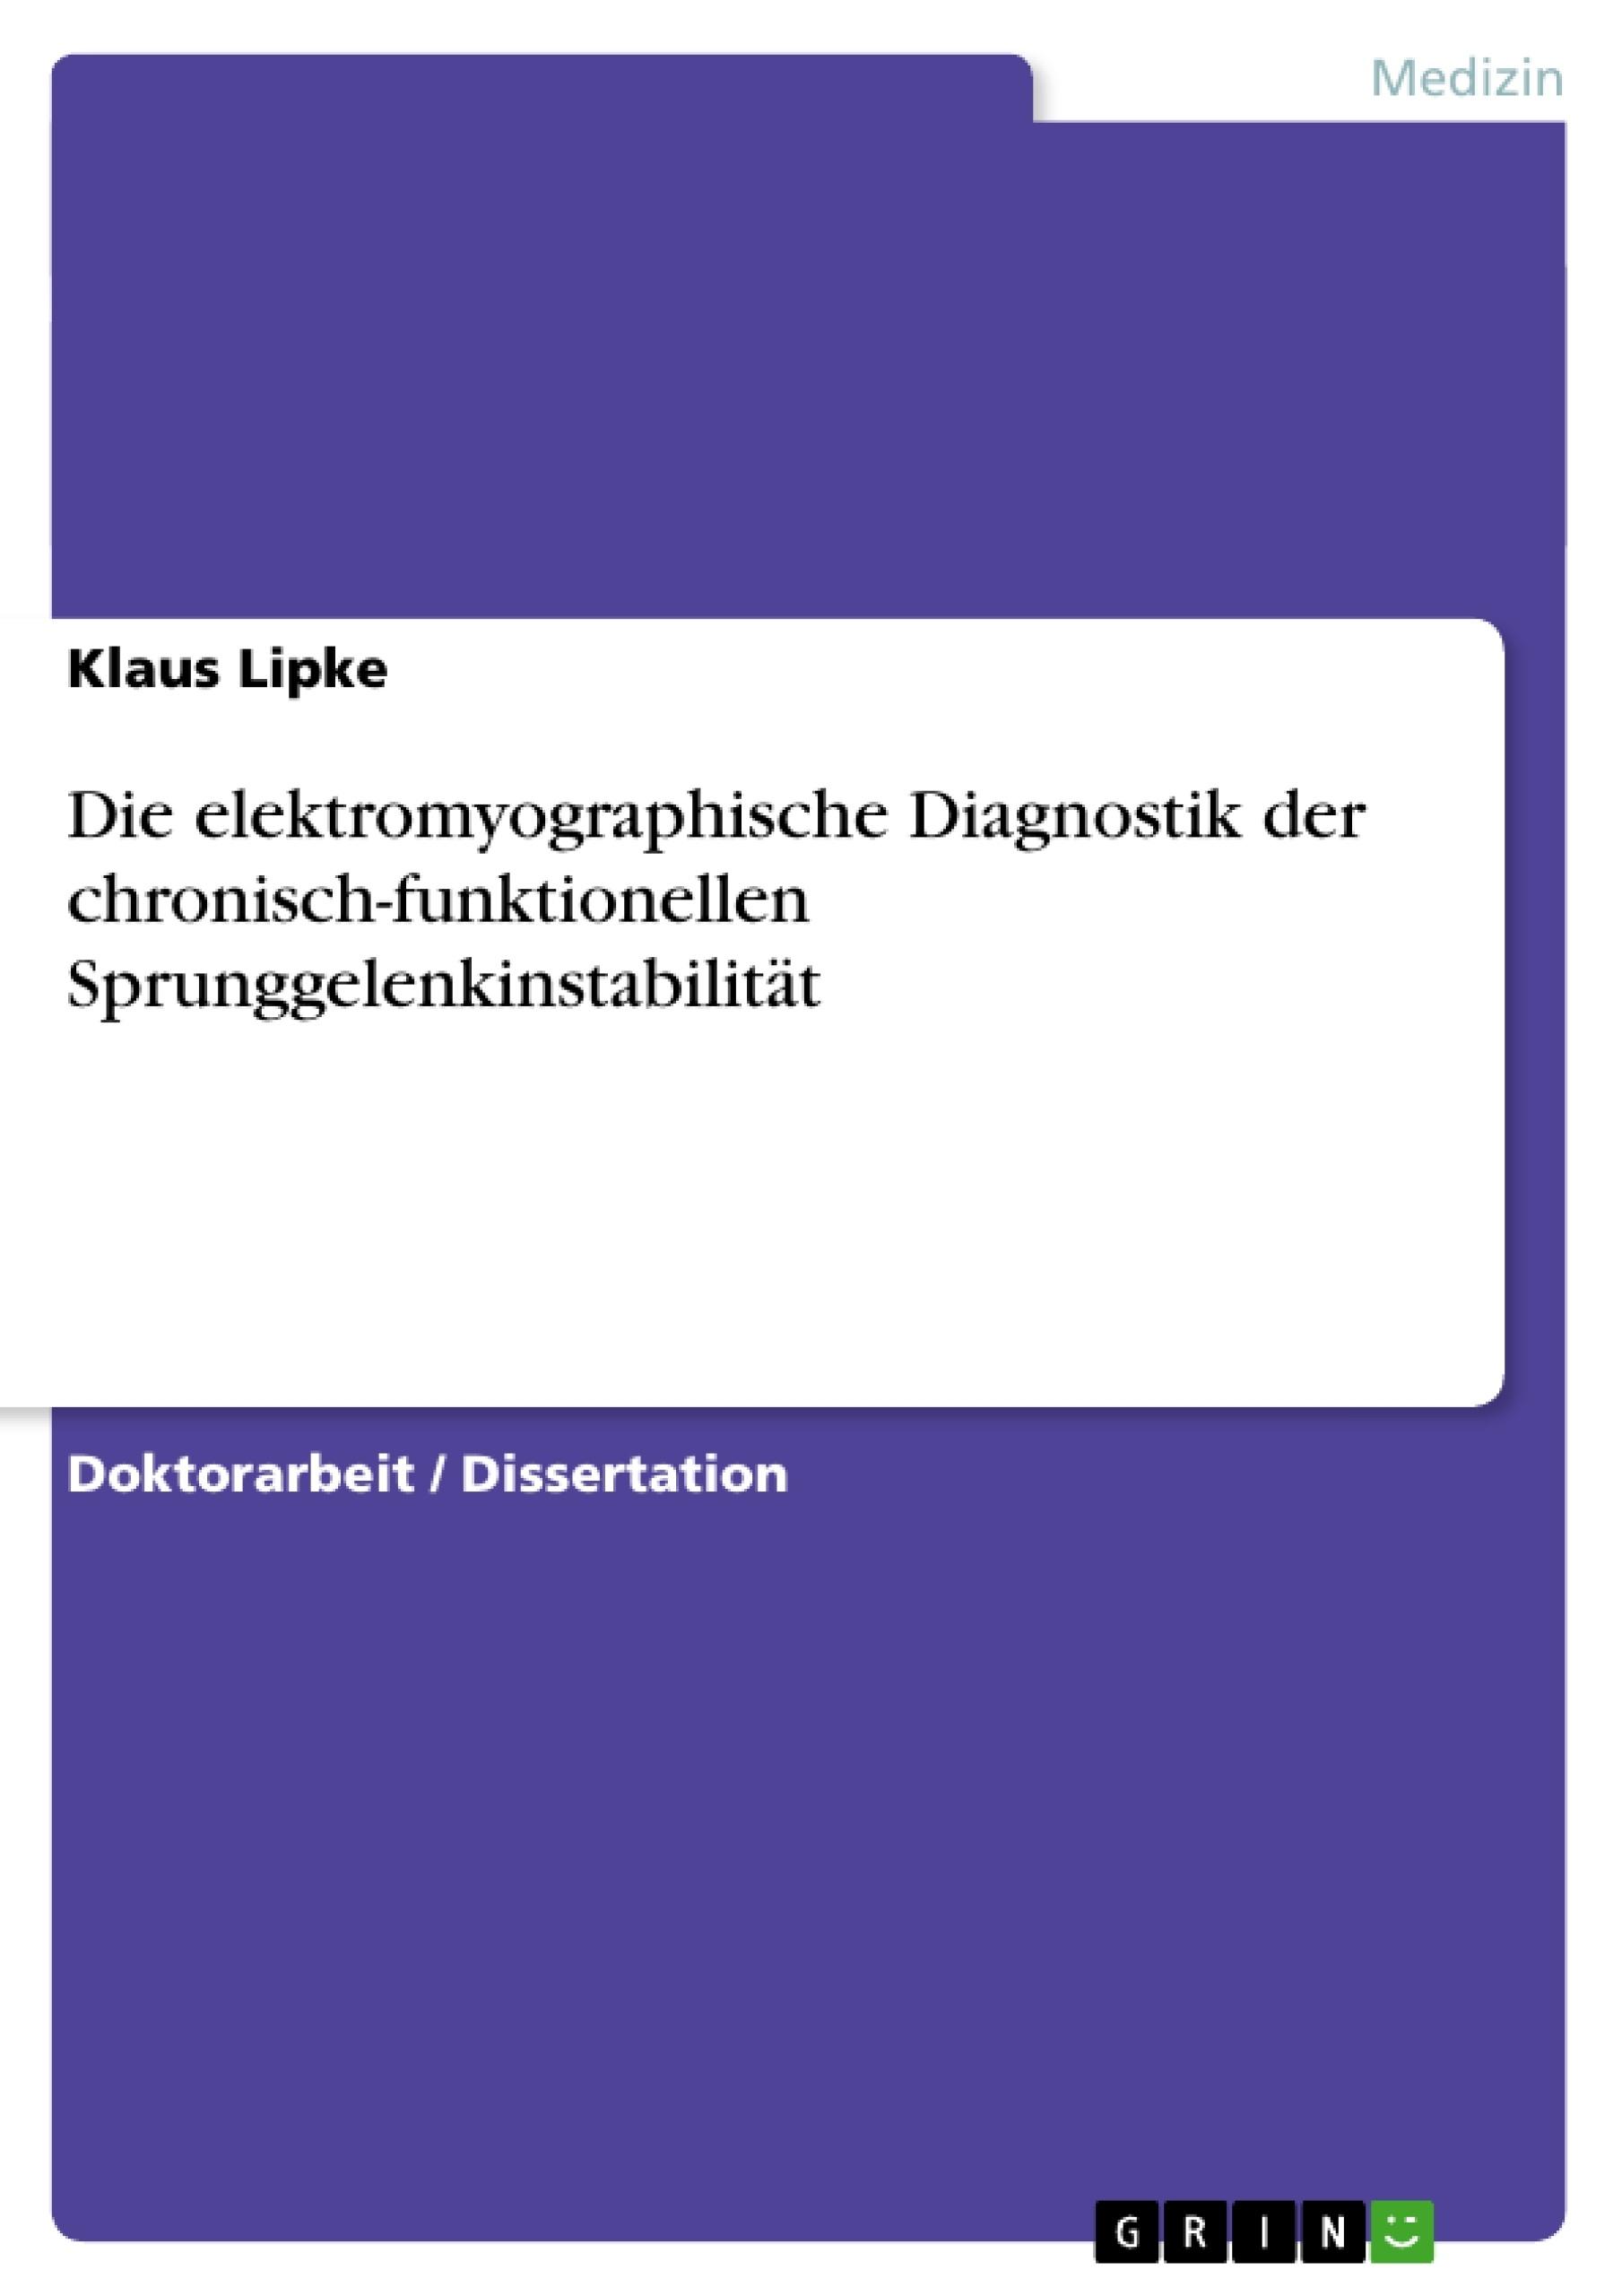 Titel: Die elektromyographische Diagnostik der chronisch-funktionellen Sprunggelenkinstabilität